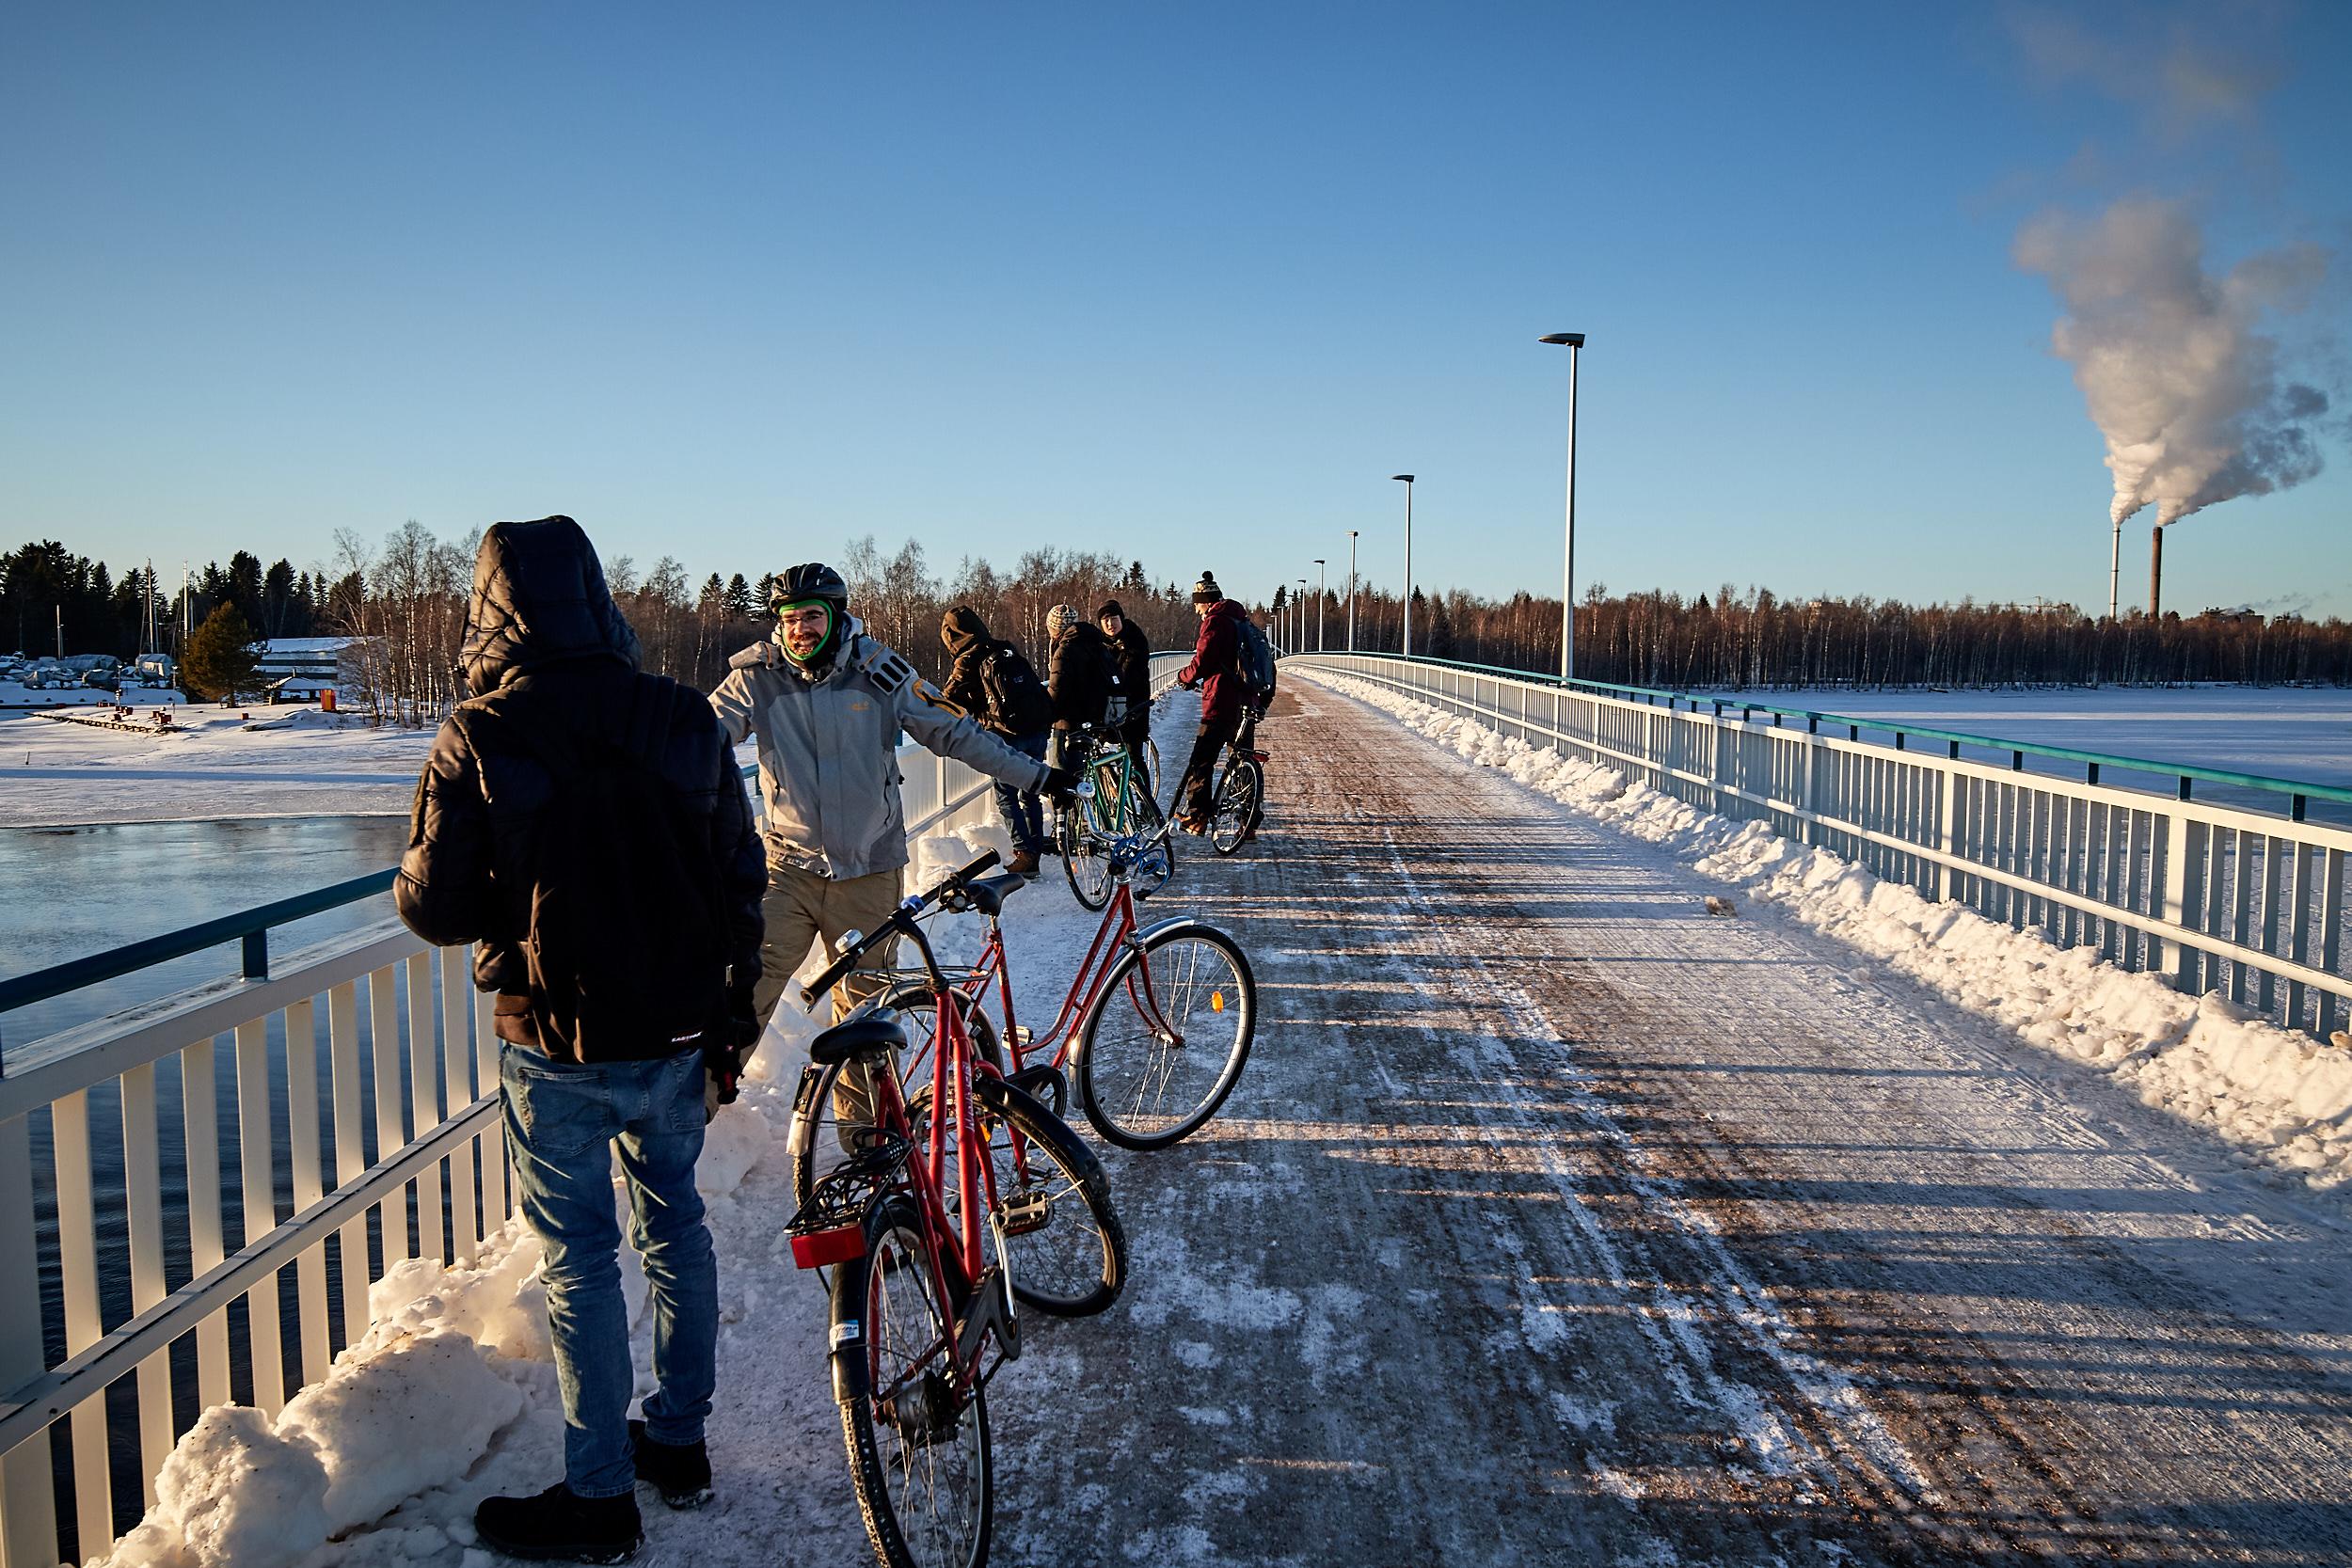 15 mm - 2019-02-21 15.52.42 - Oulu Week 7.jpg